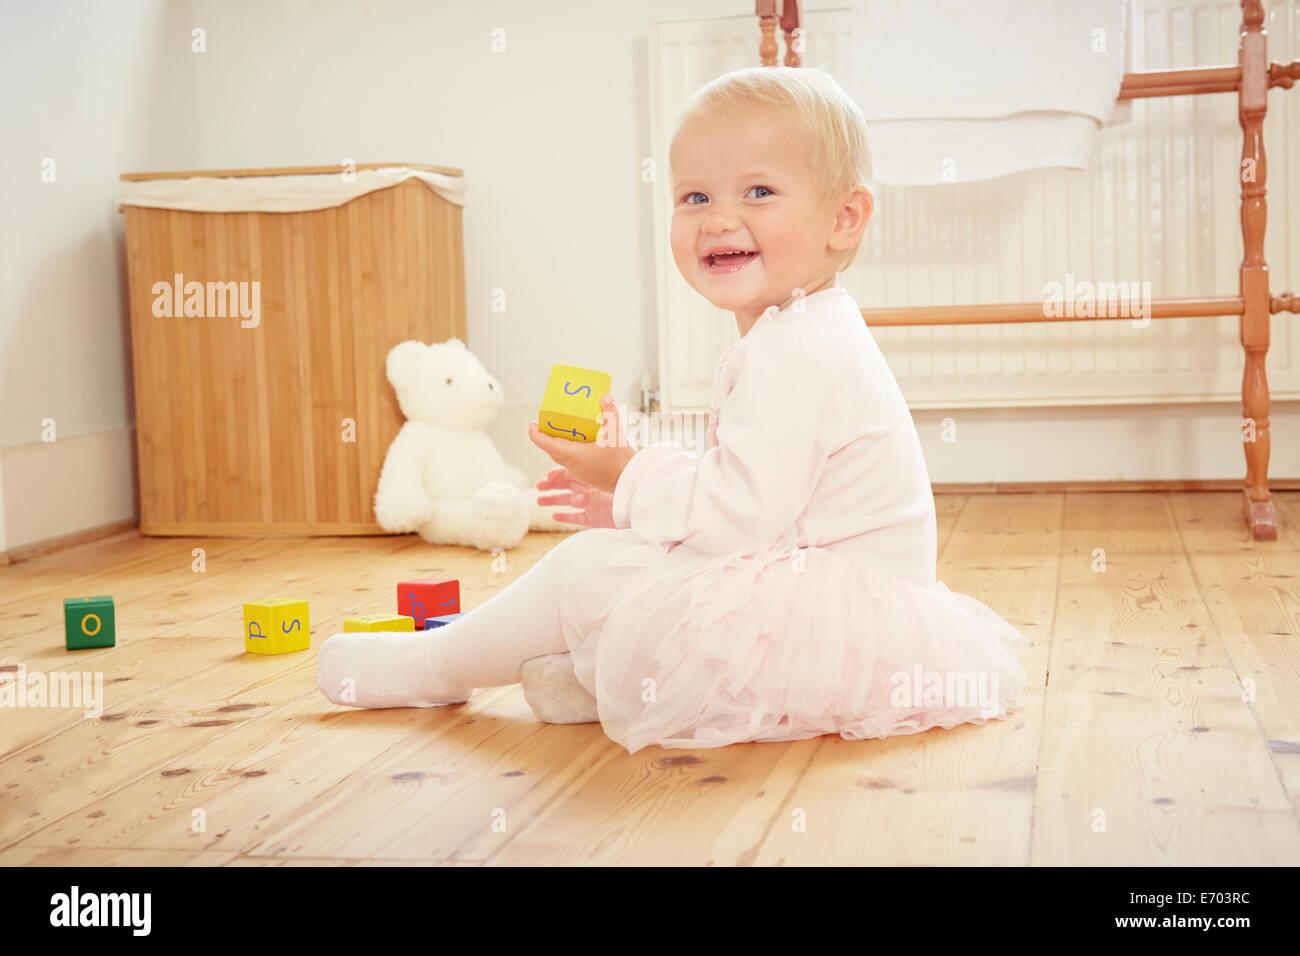 Retrato de la sonrisa de bebé niña jugando en el piso con bloques de construcción Foto de stock